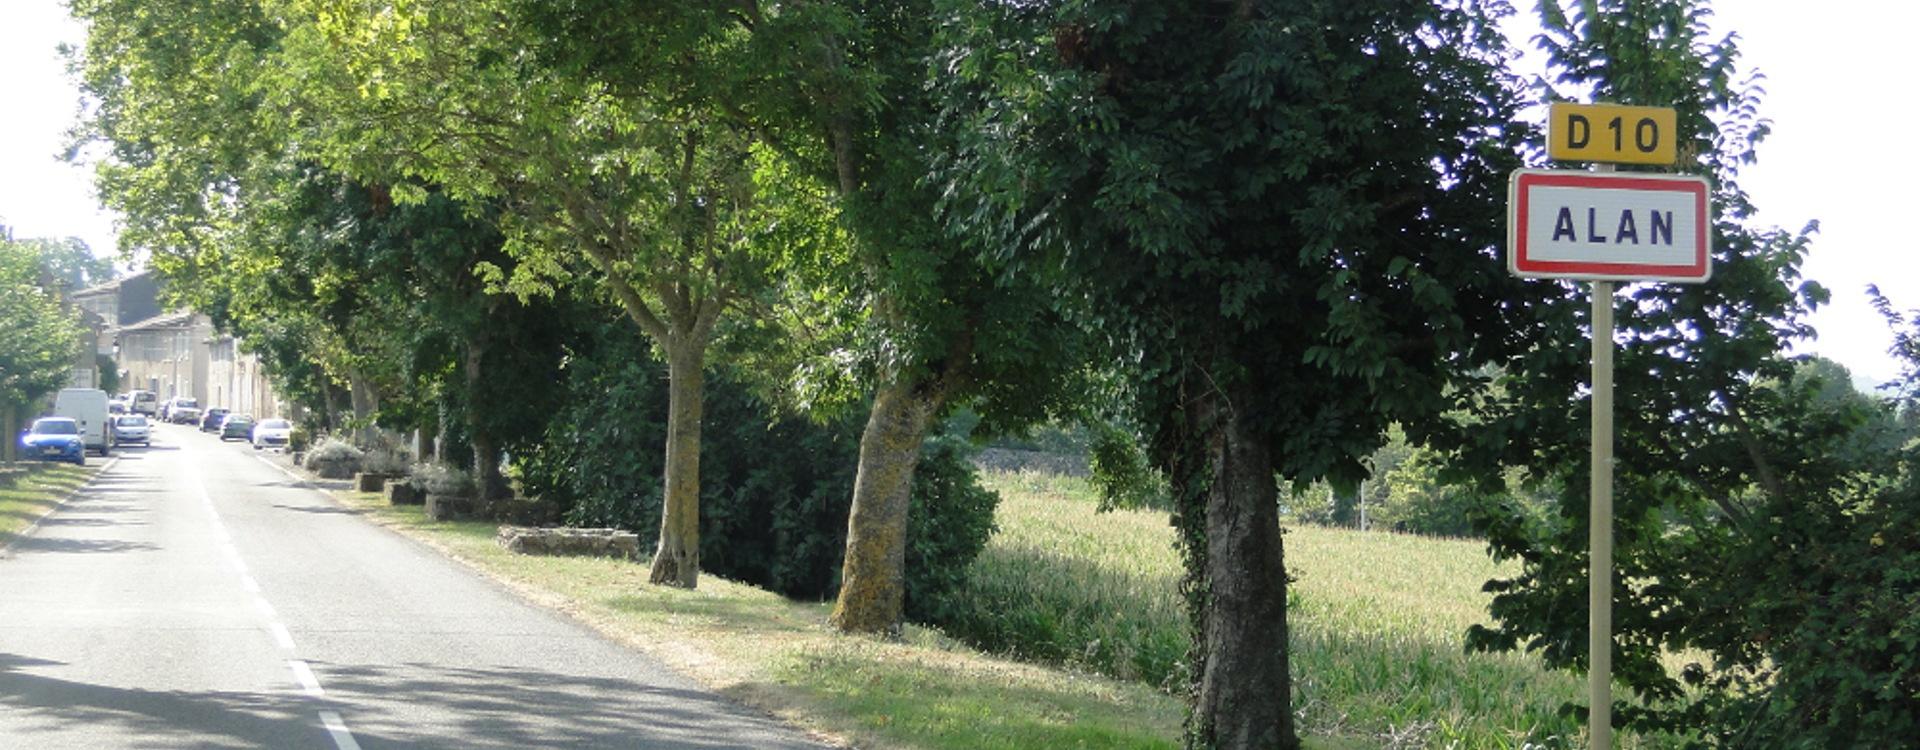 Image présentant l'entrée d'Alan en venant d'Aurignac